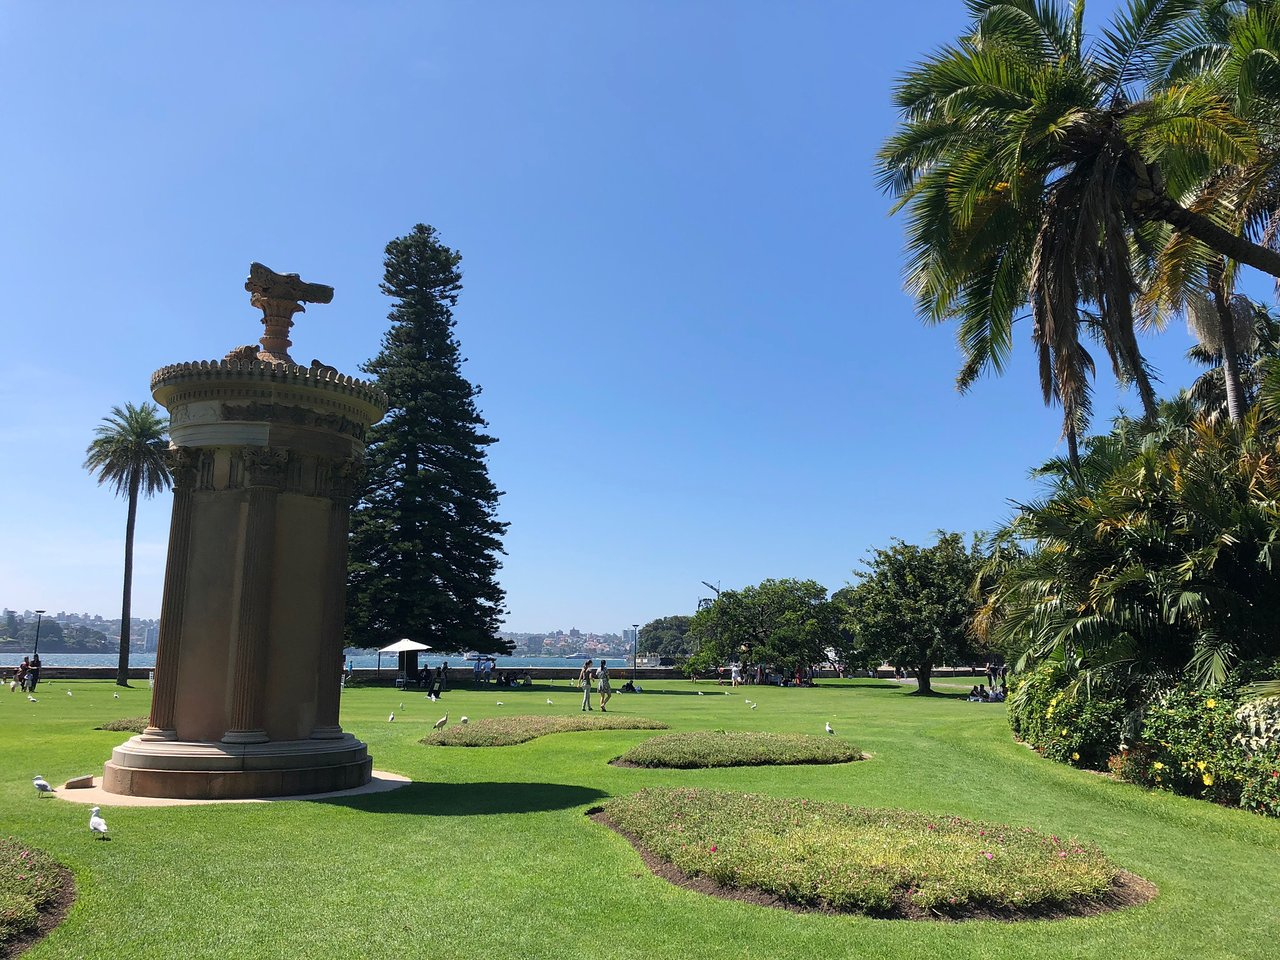 Pamiatky a zaujímavosti v lokalite Perth Pamiatky a zaujímavé miesta - najlepší výber - Perth, Austrália.